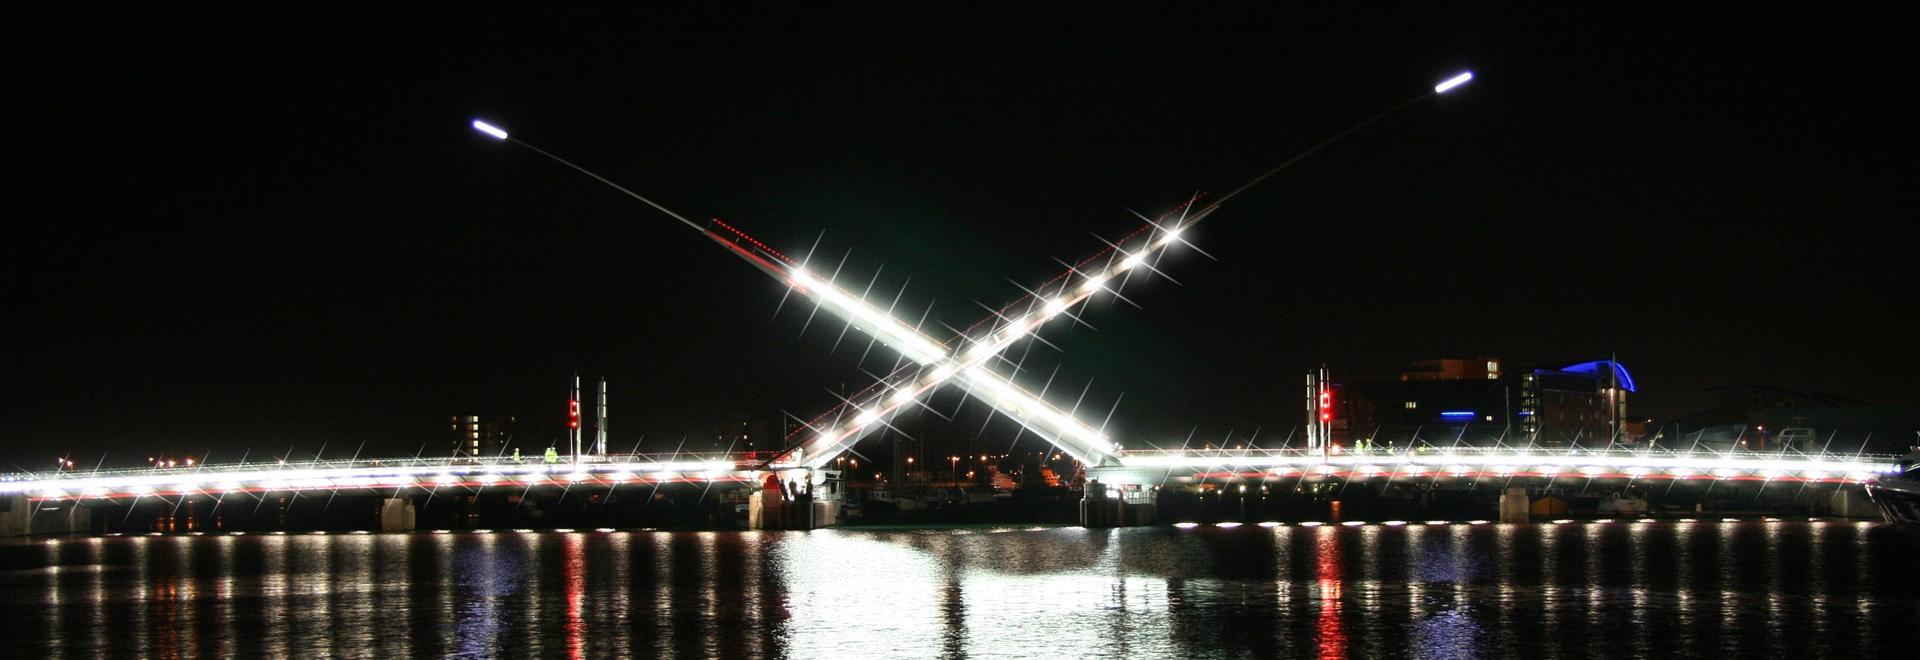 Barre de tension pour poteaux Macalloy S1030 - Twin Sails Brisge, Poole, UK